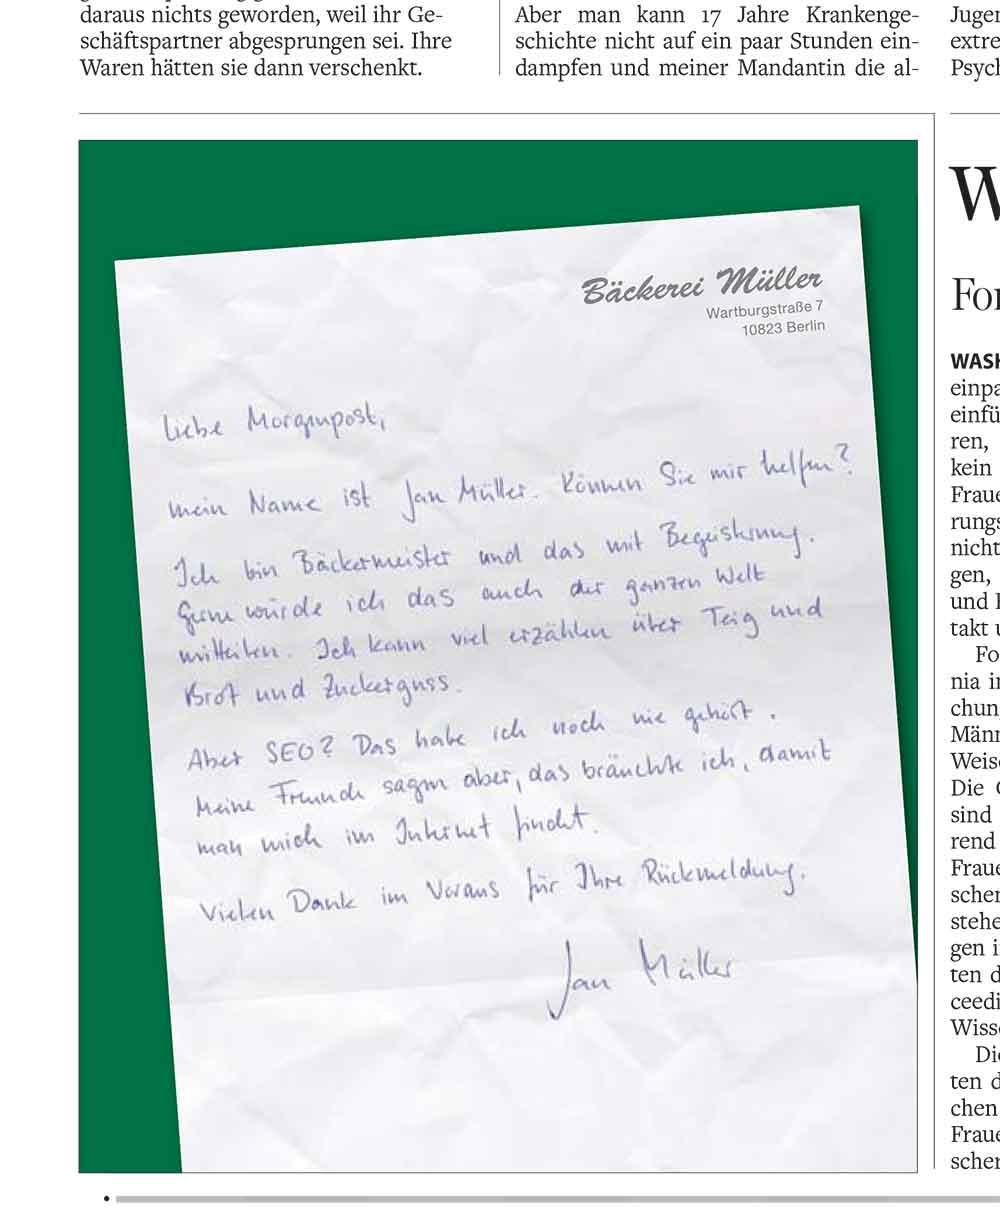 Morgenpost-Teaser-Anzeige für den eigenen Webdesign-Service